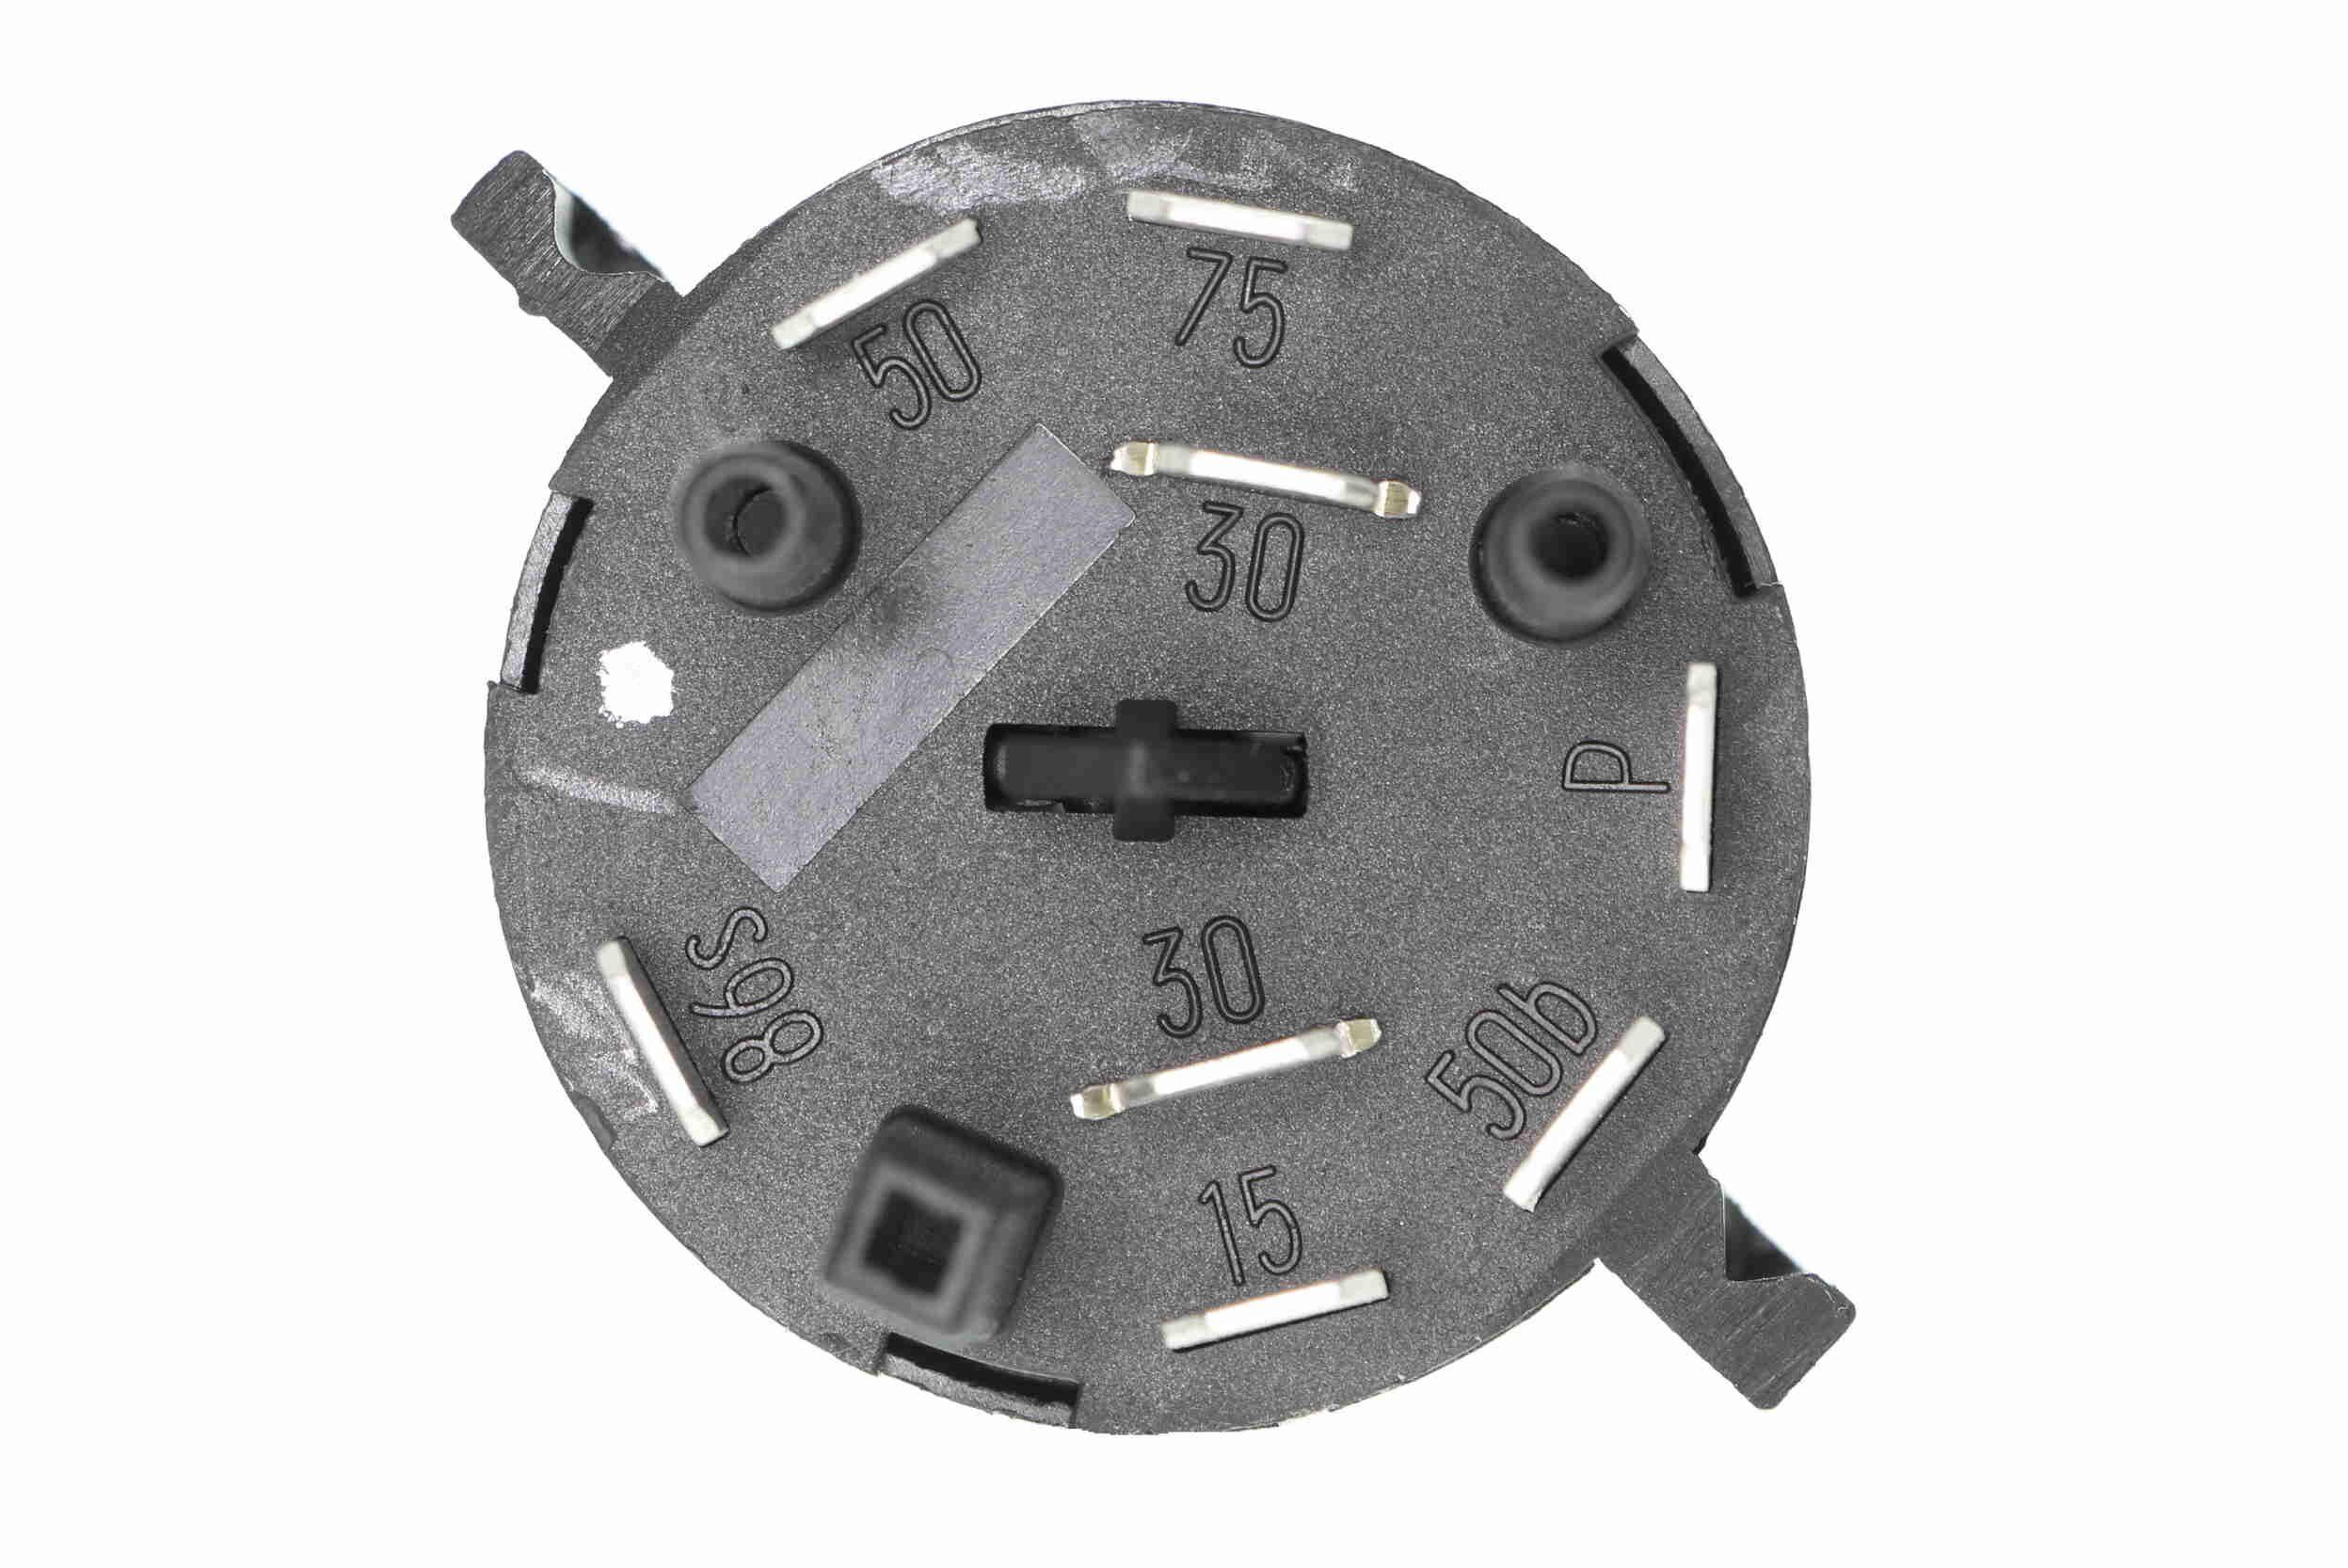 VEMO V15-80-3217 EAN:4046001232954 online store